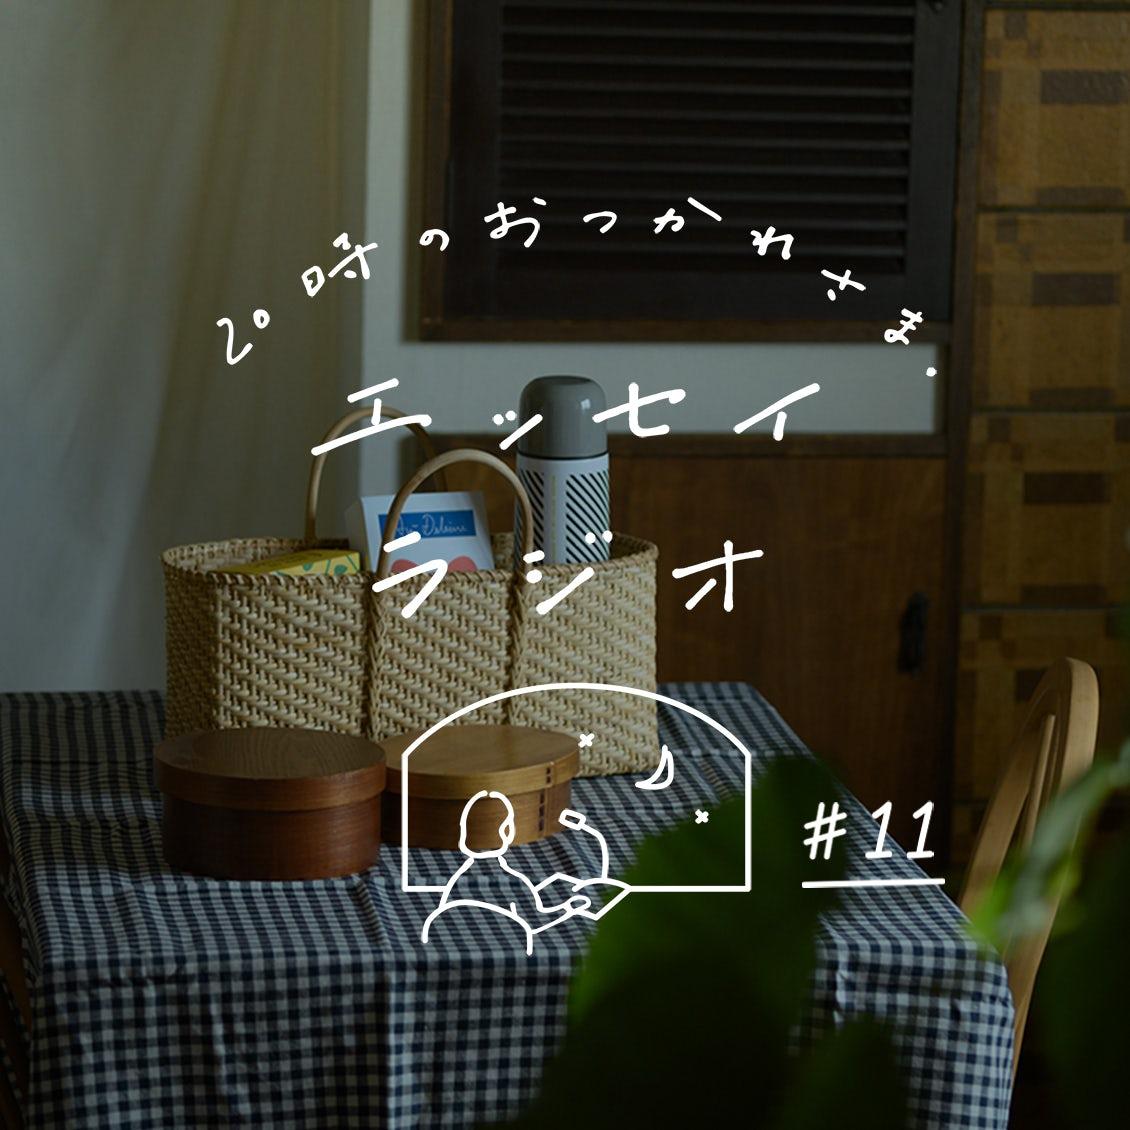 【エッセイラジオ】第11夜:甲斐みのりさんのエッセイ「雨の休日のとっておき、 家の中でピクニック」(読み手:スタッフ岡本)